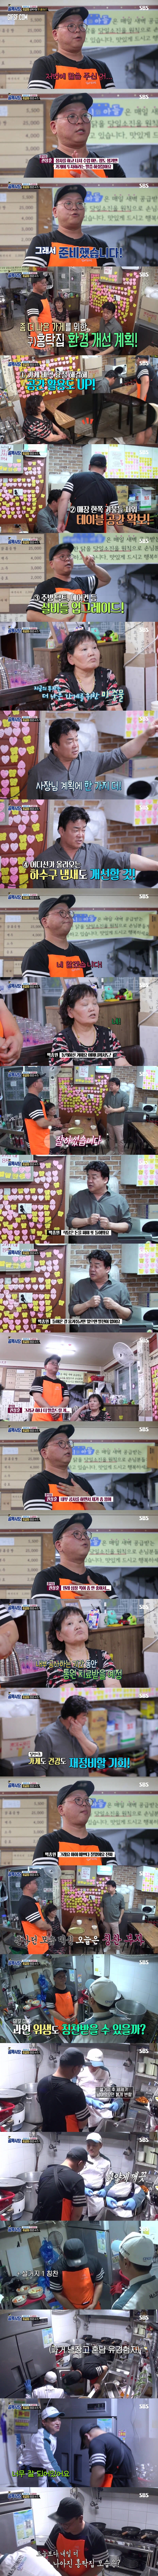 홍탁집 최종점검